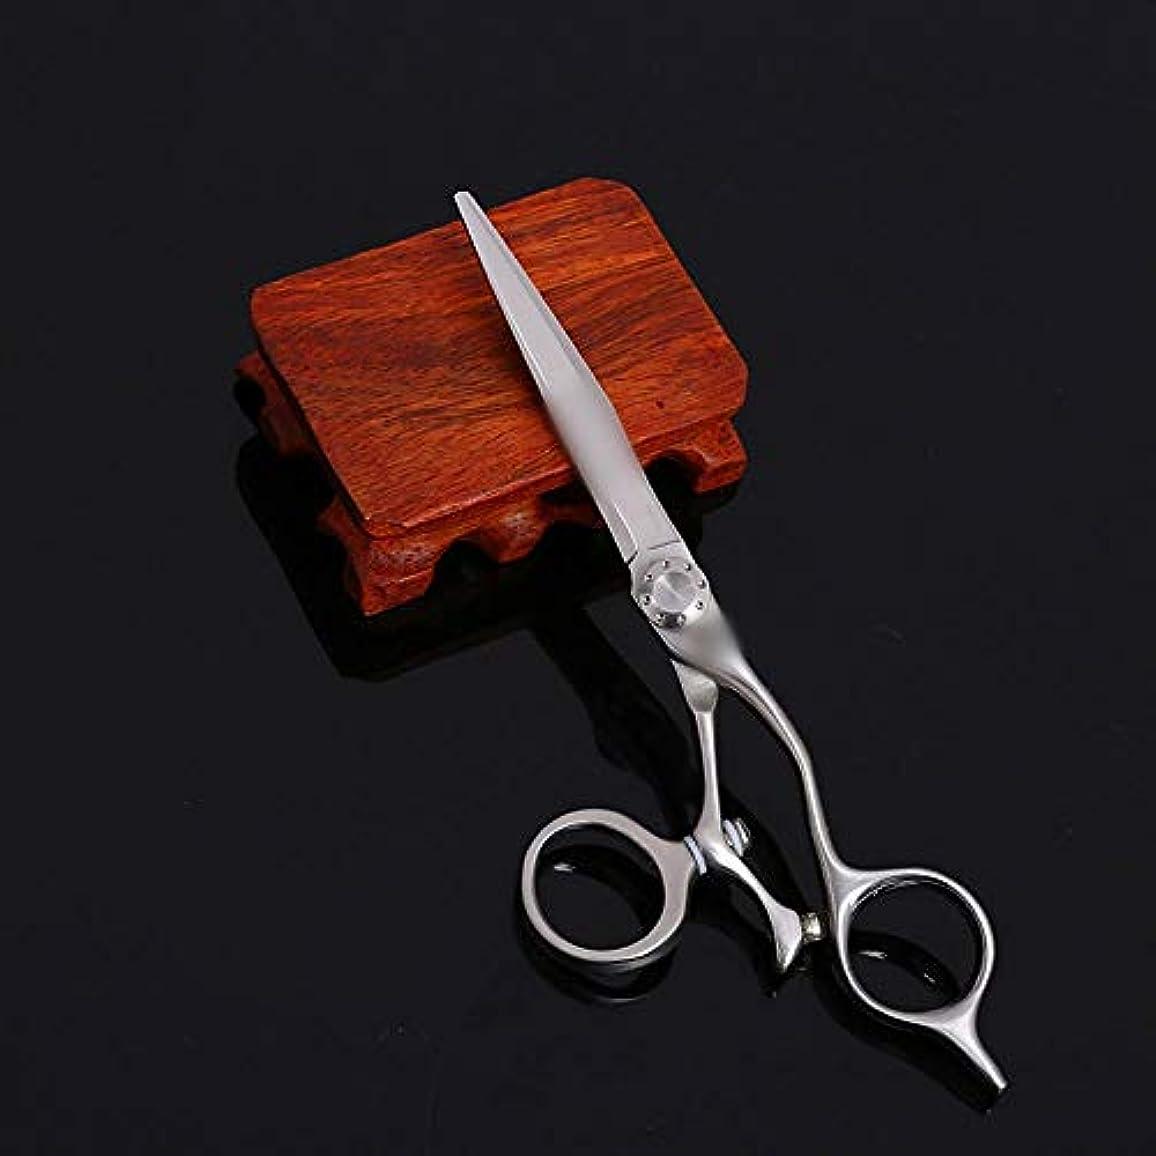 コンプライアンス貸し手強調する6インチプロフェッショナルヘアカットシザーステンレス鋼フラットシザー理髪はさみ ヘアケア (色 : Silver)